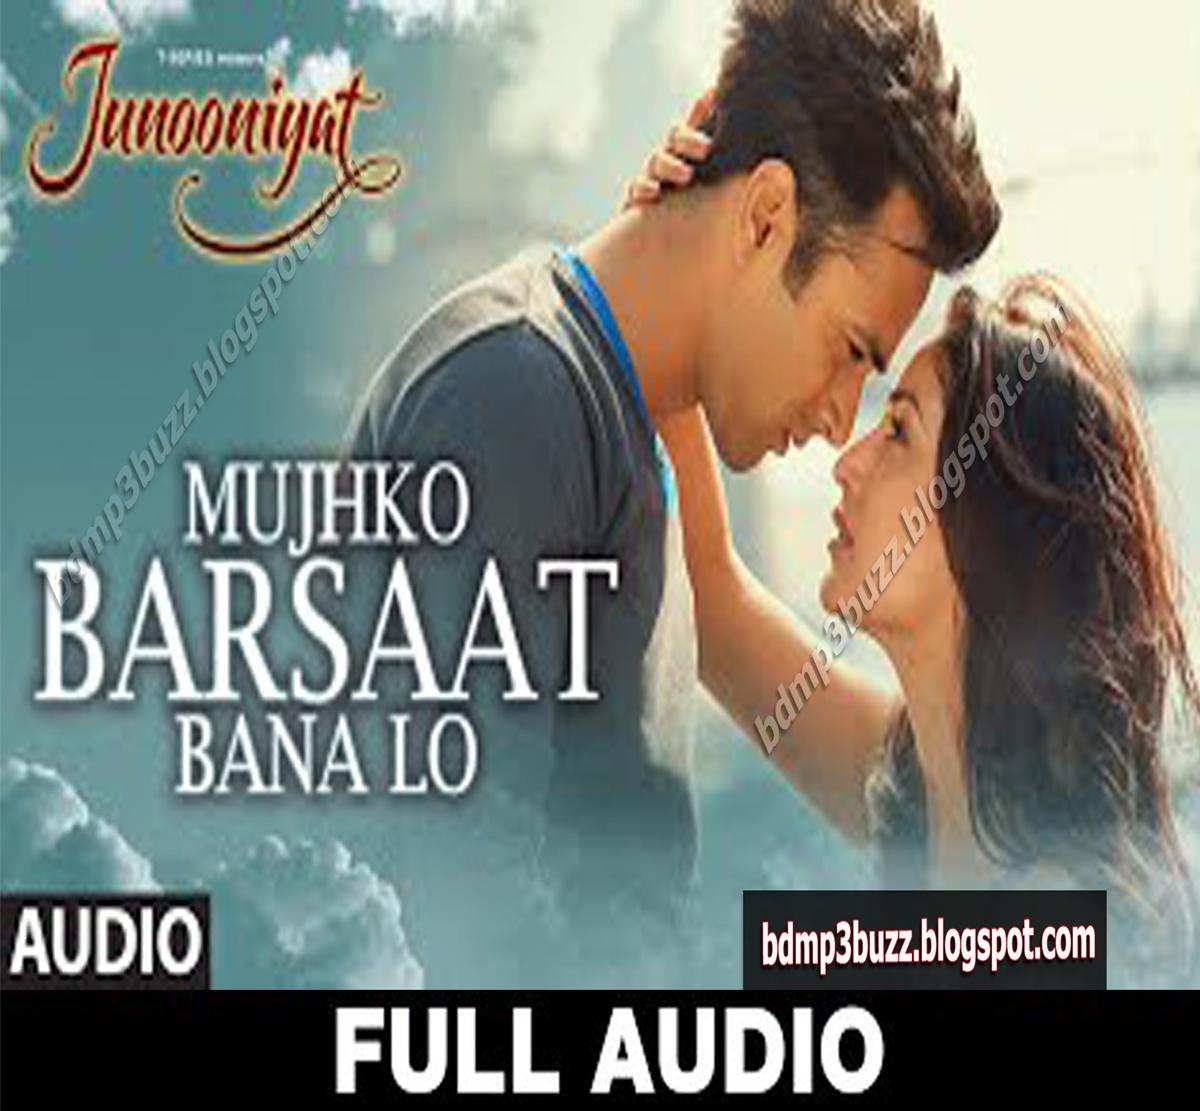 Barsaat movie song